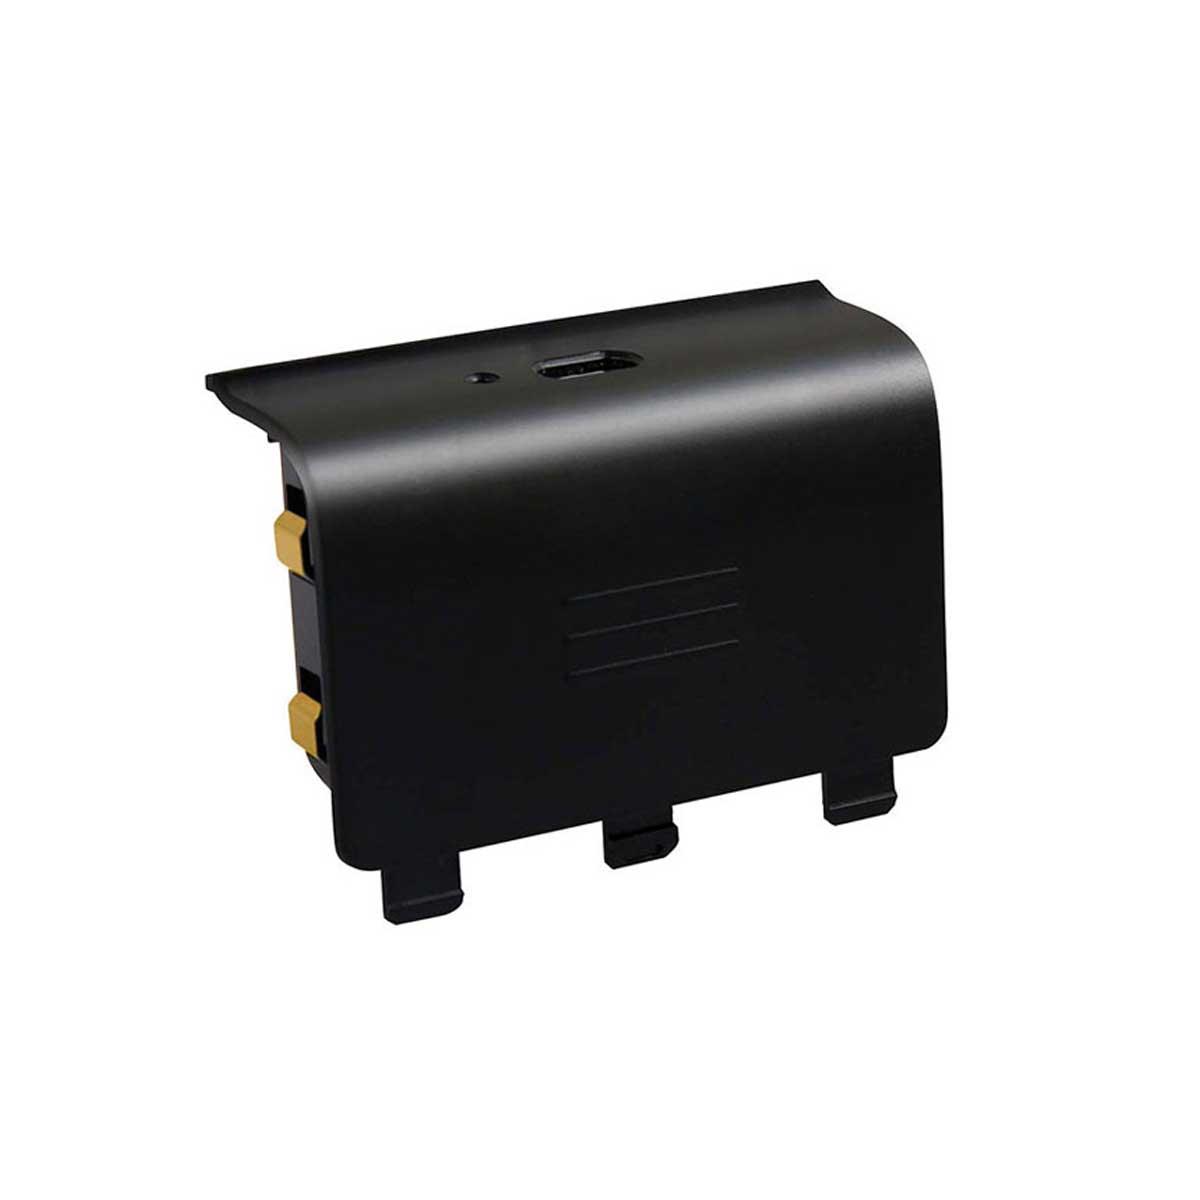 خرید باتری دسته ایکس باکس مدل W60X191 02